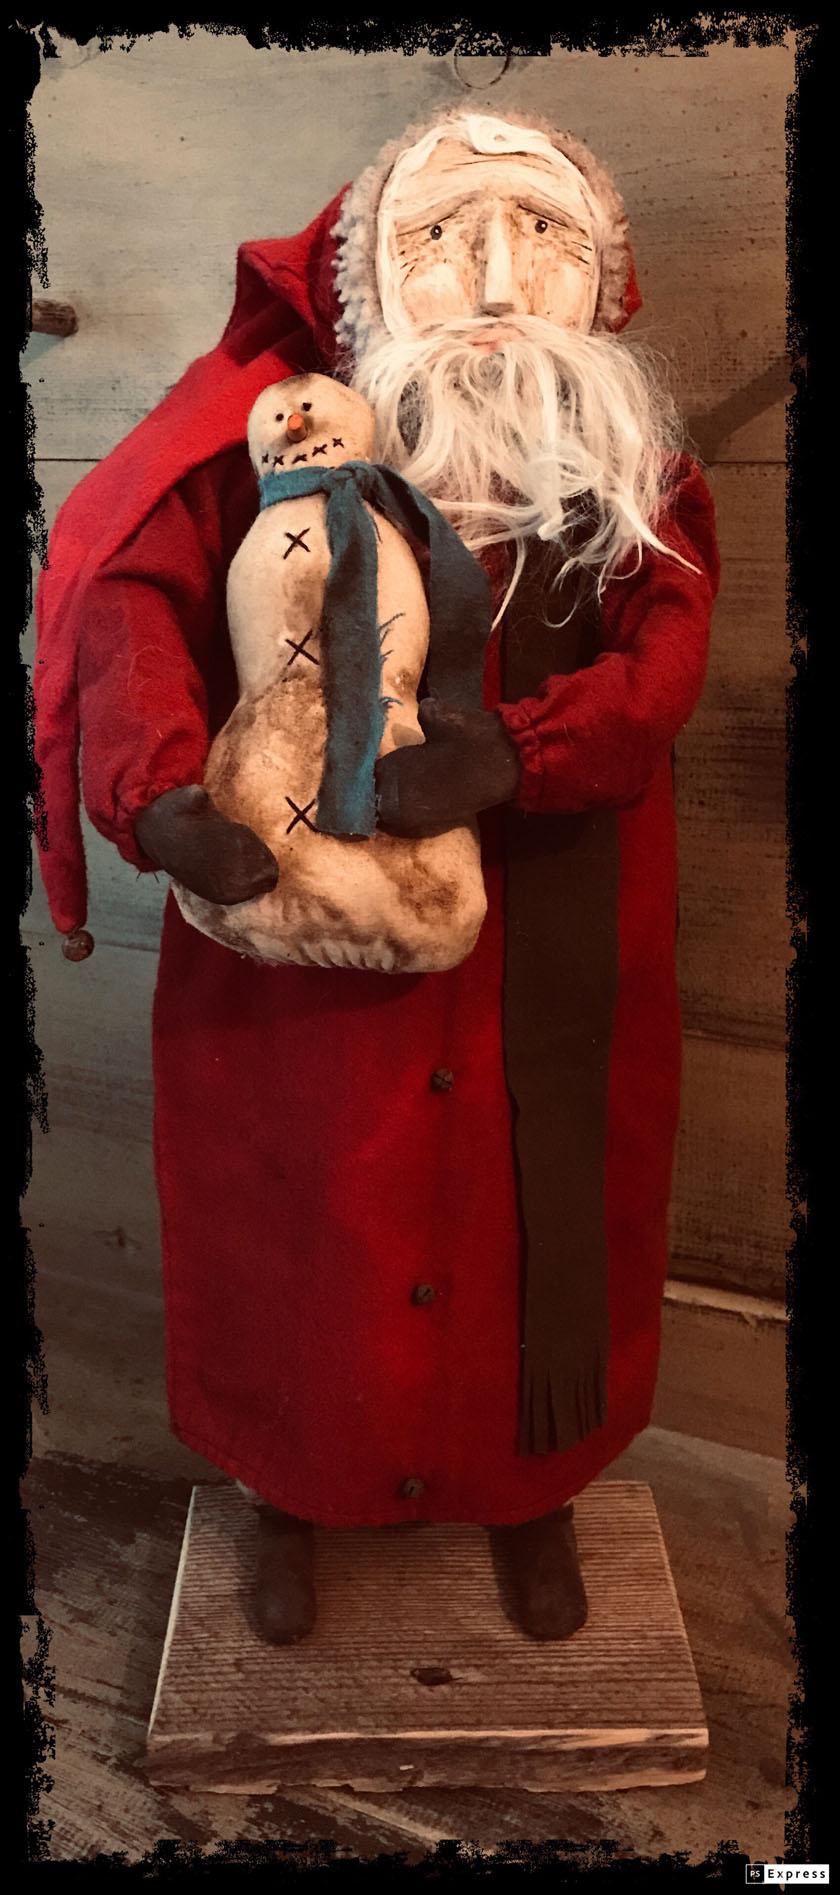 CF Santa w/ Snowman